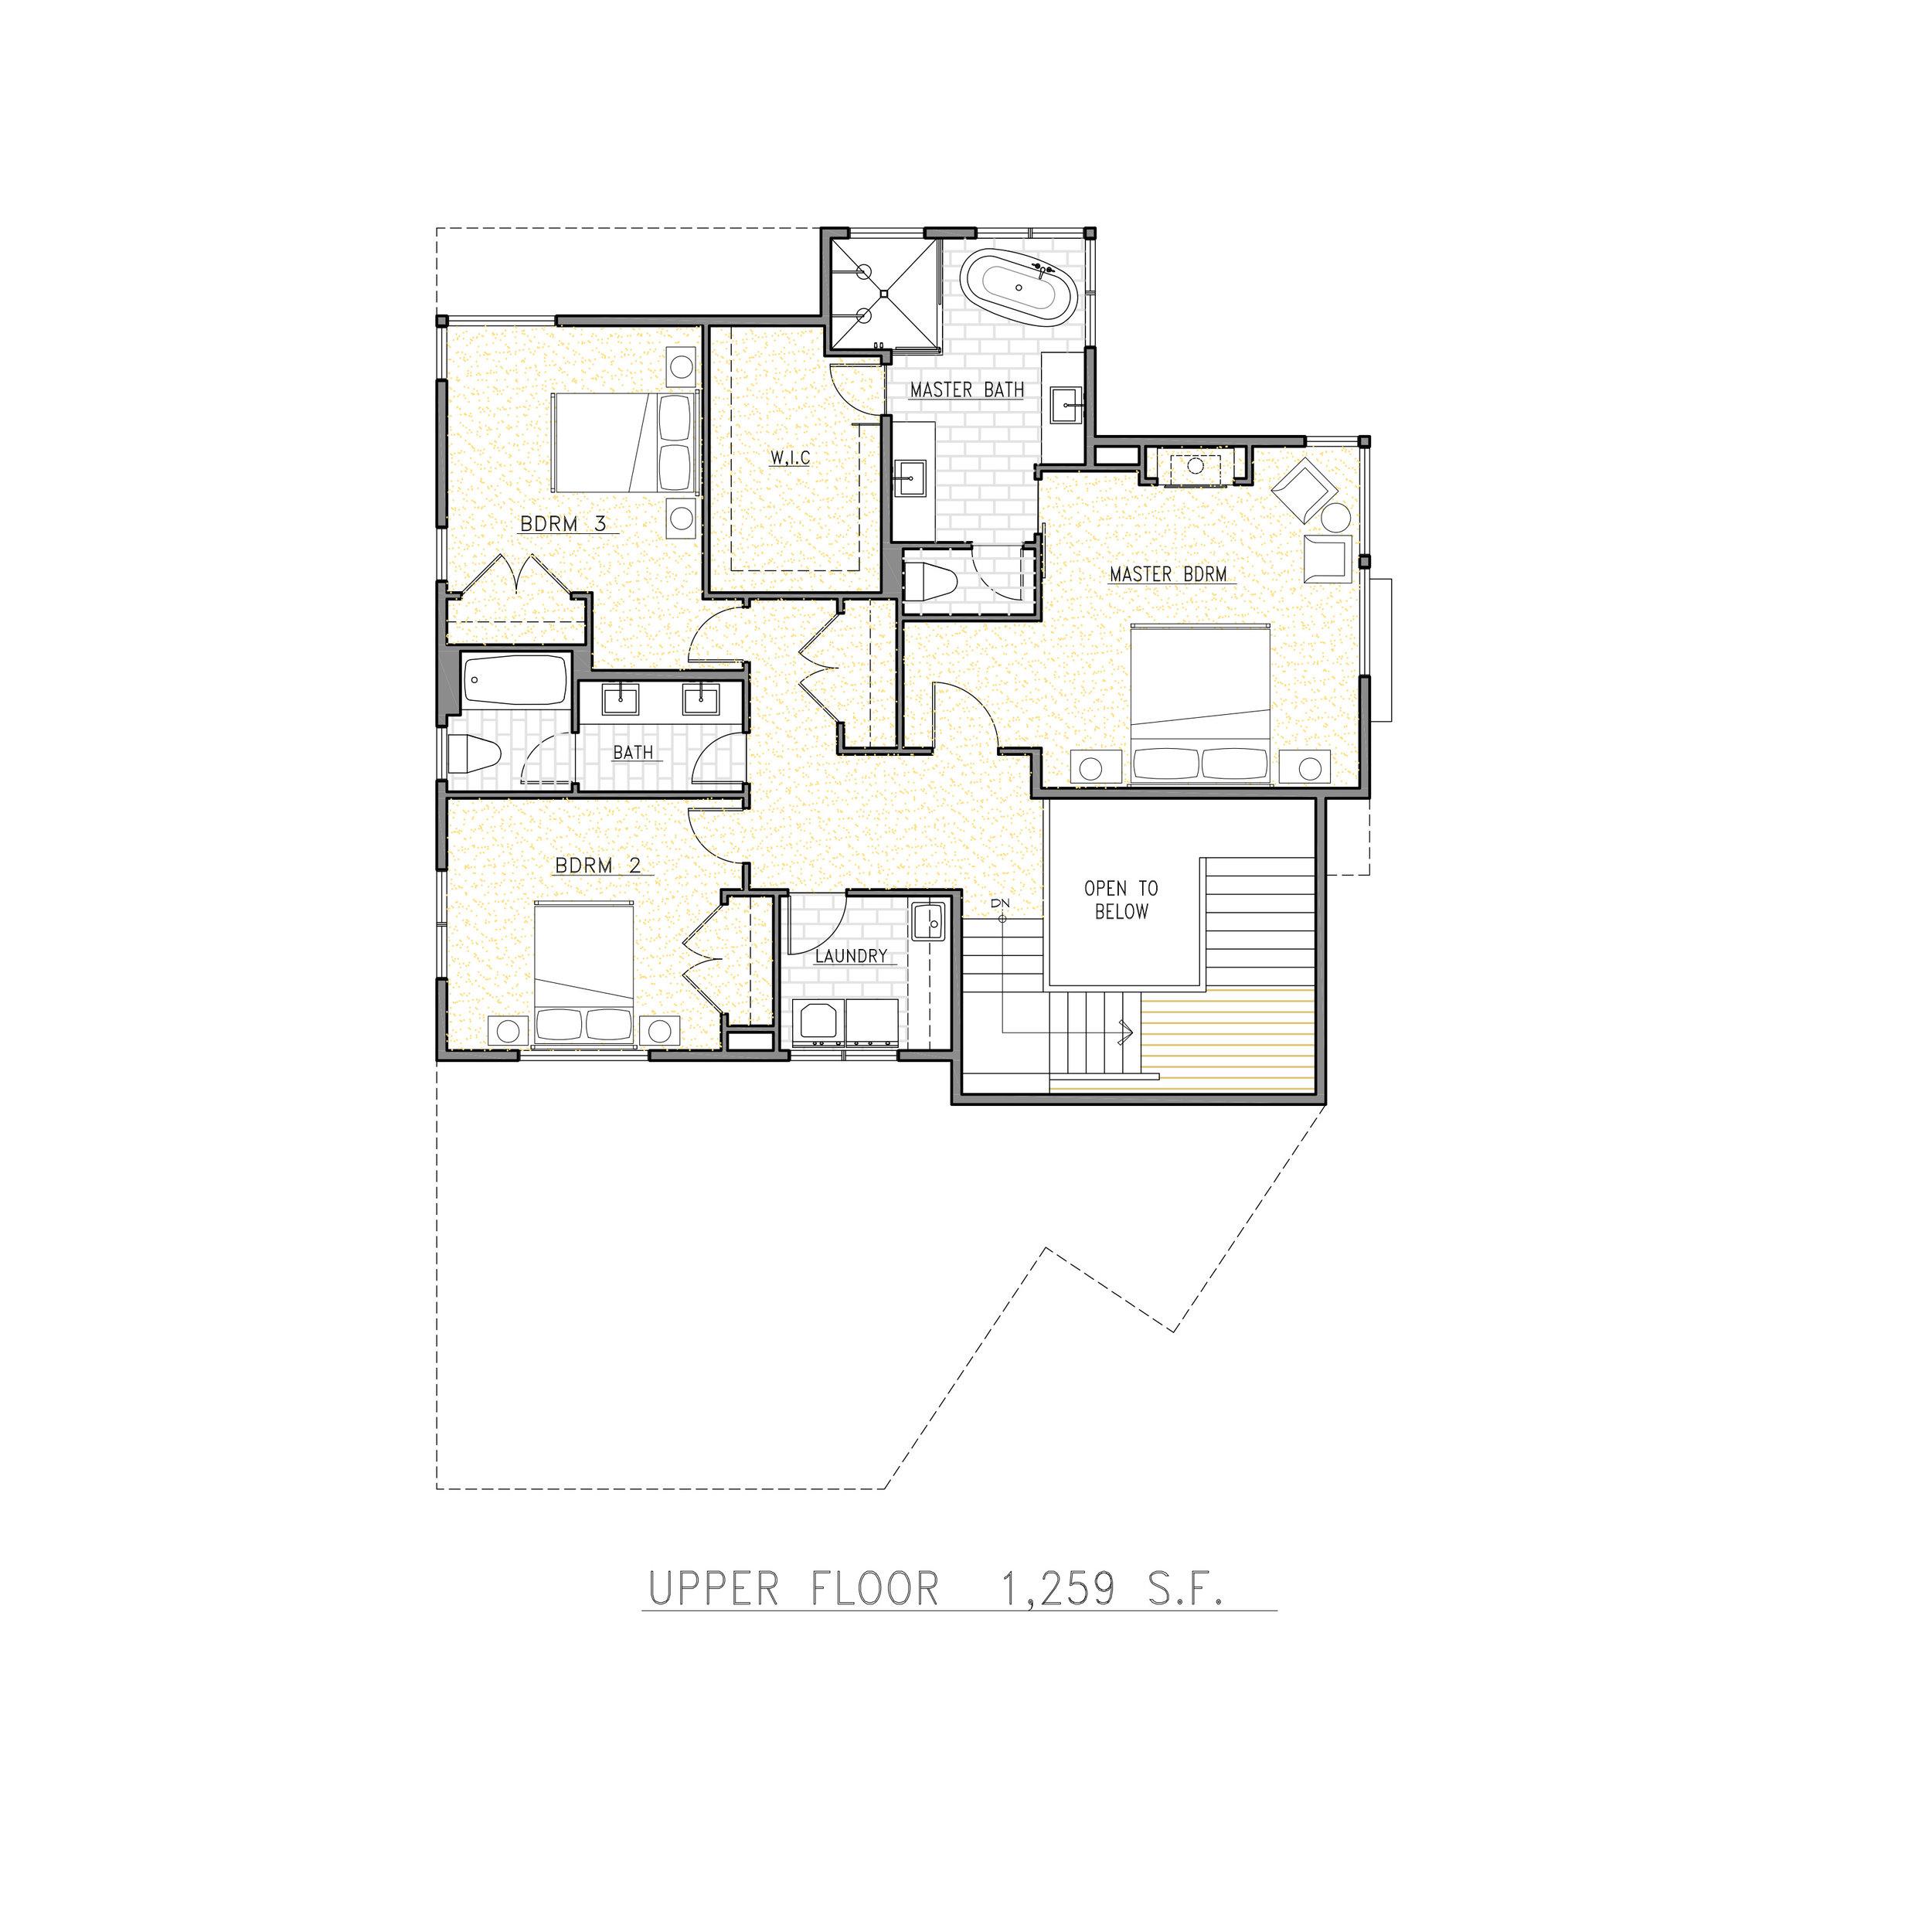 Lot 5 Mrtg Floor Plans Denny Ridge (1)-2.jpg